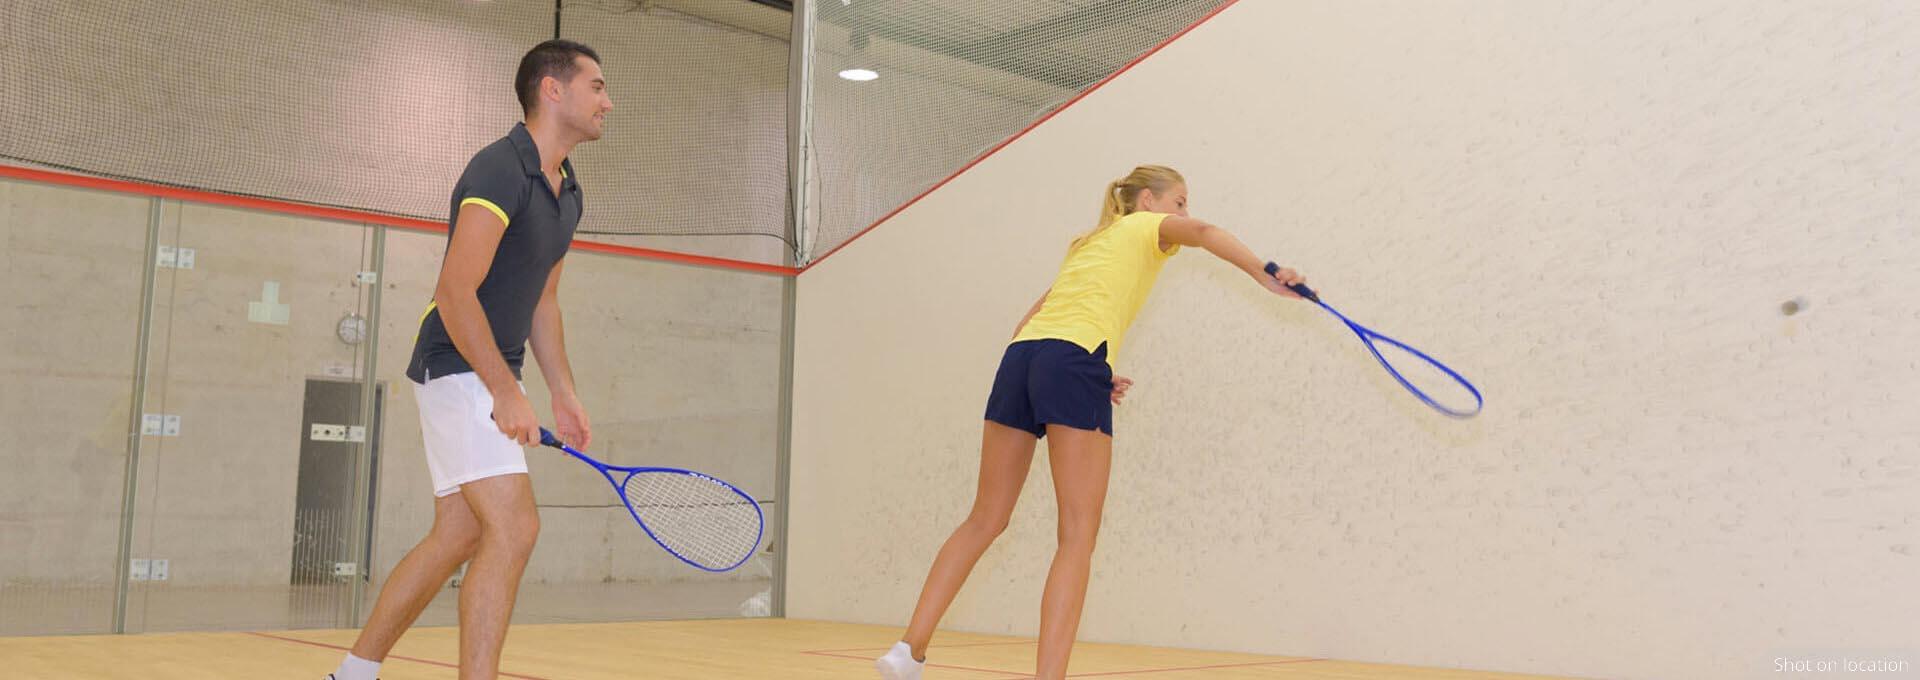 Squash court in Calgary by House of Hiranandani in Devanahalli, Bengaluru